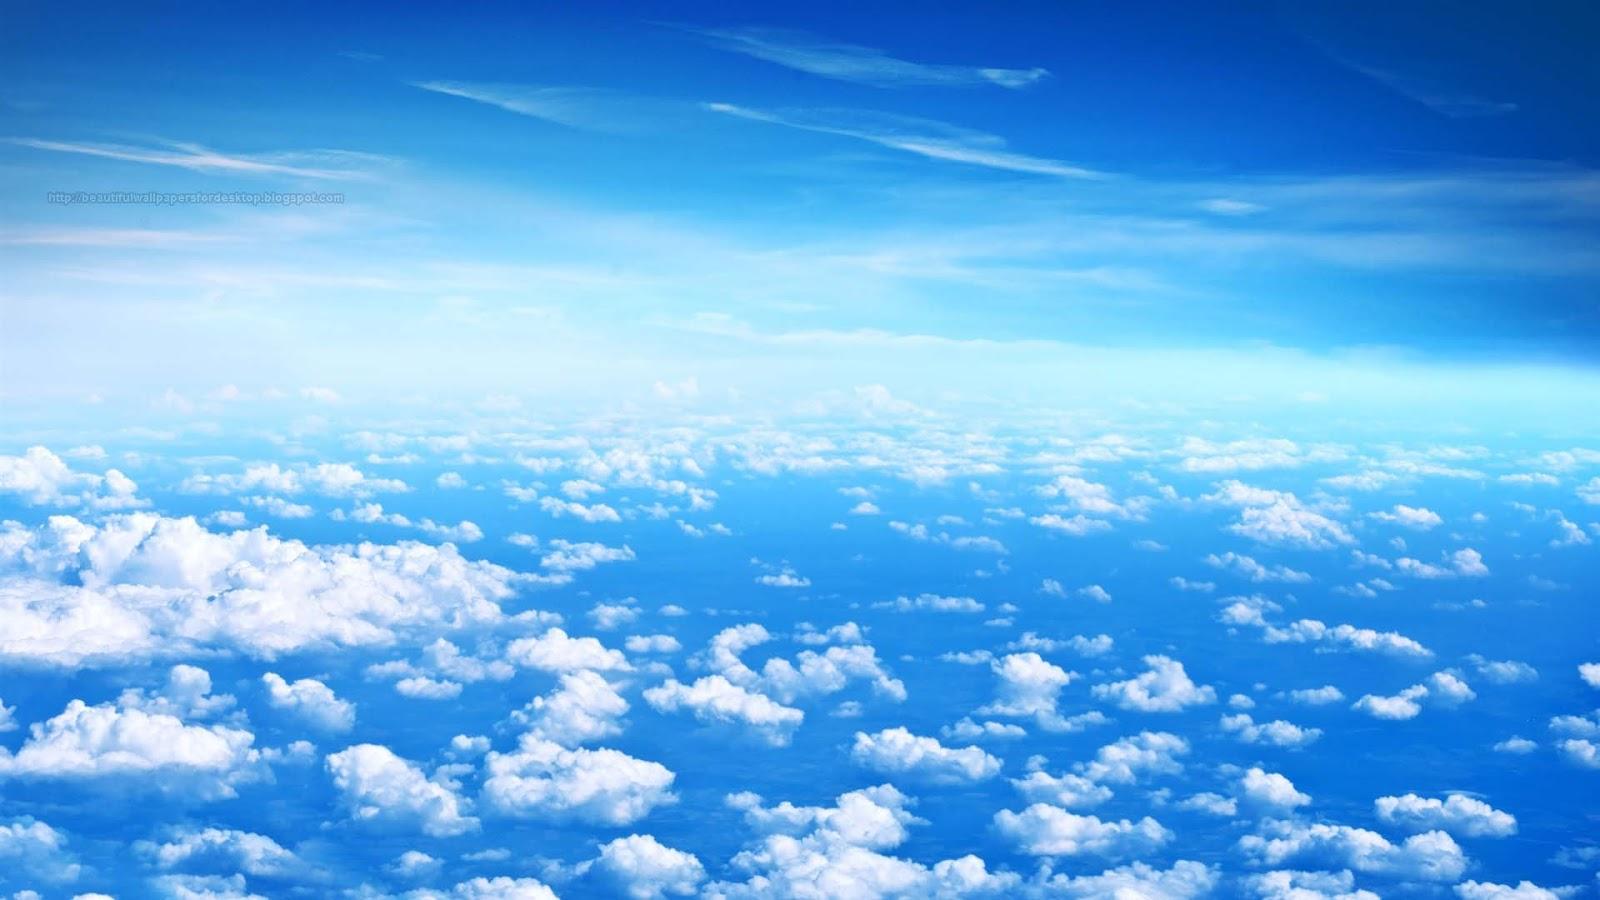 skycloudwallpapershd10jpg 1600x900